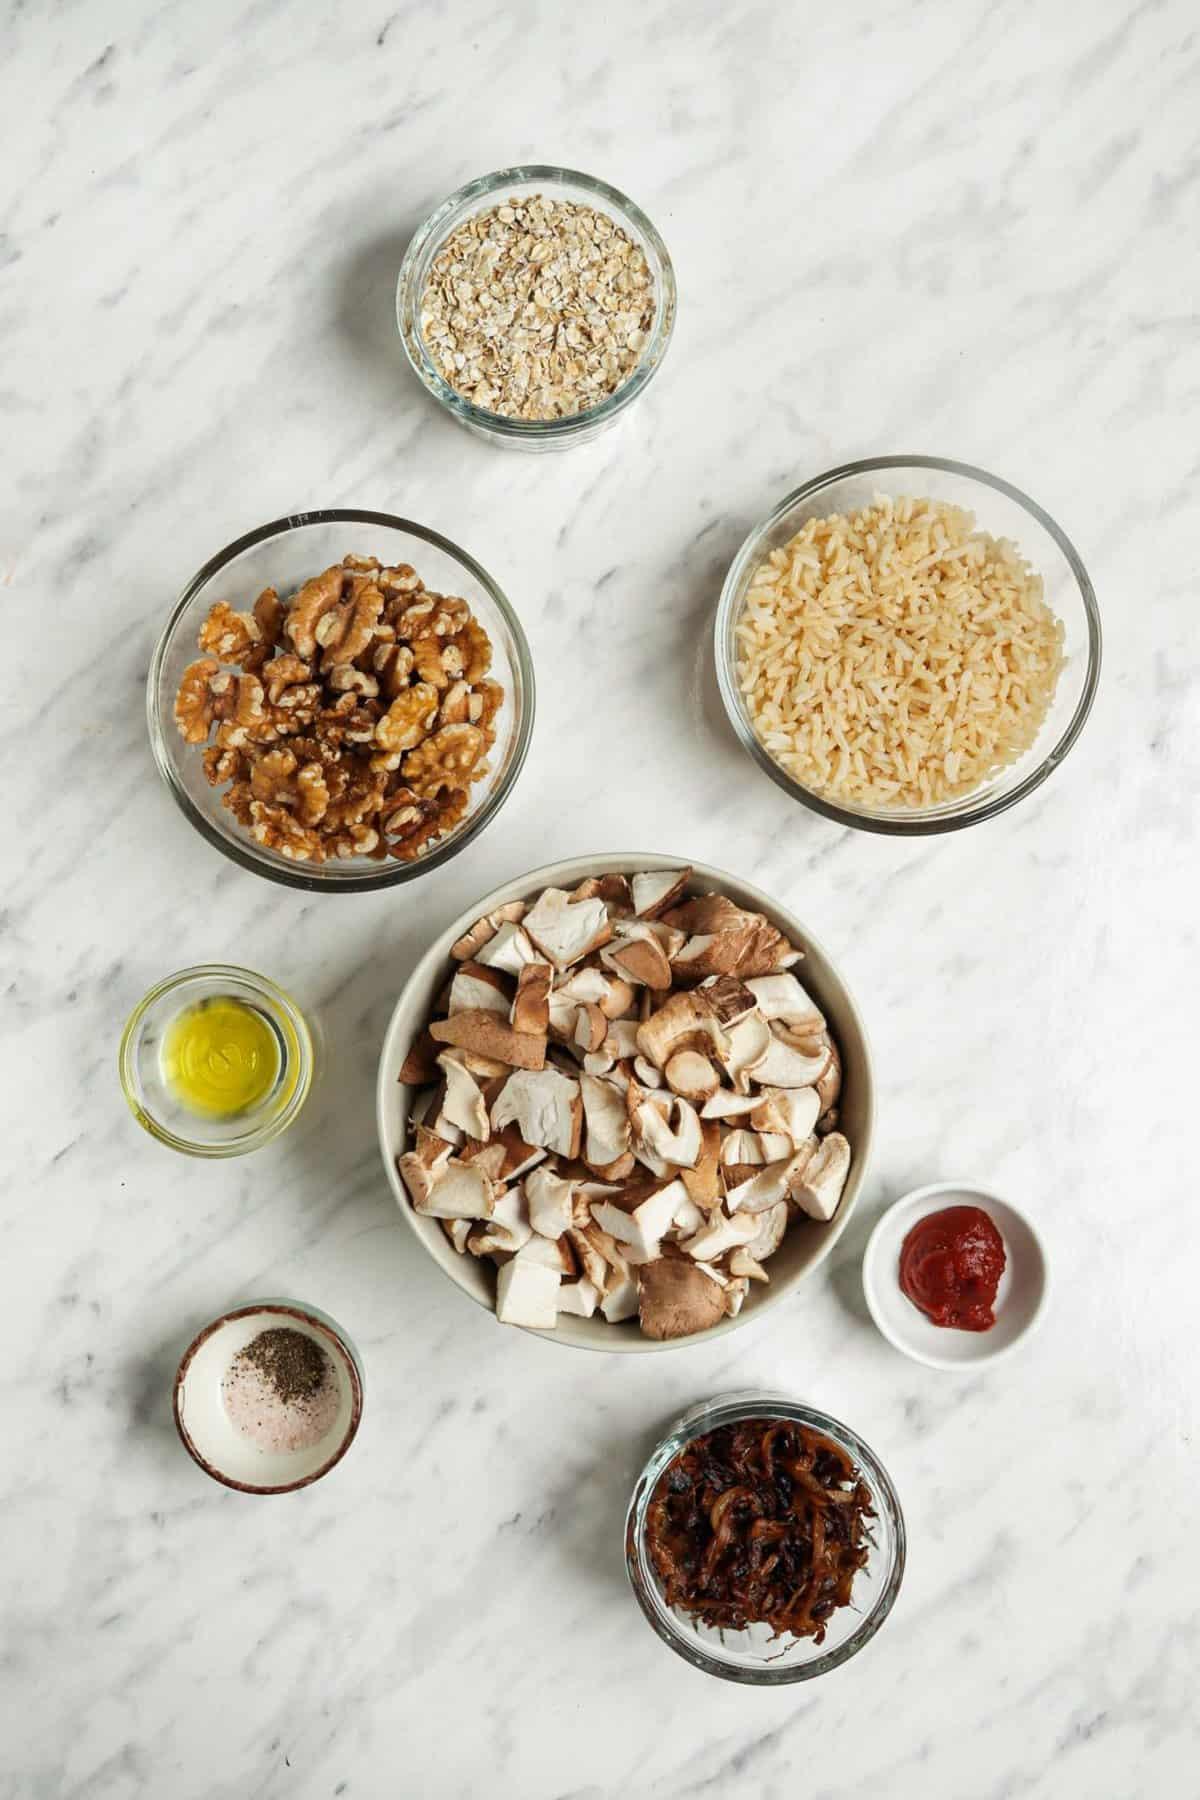 Vegan Meatball Ingredients